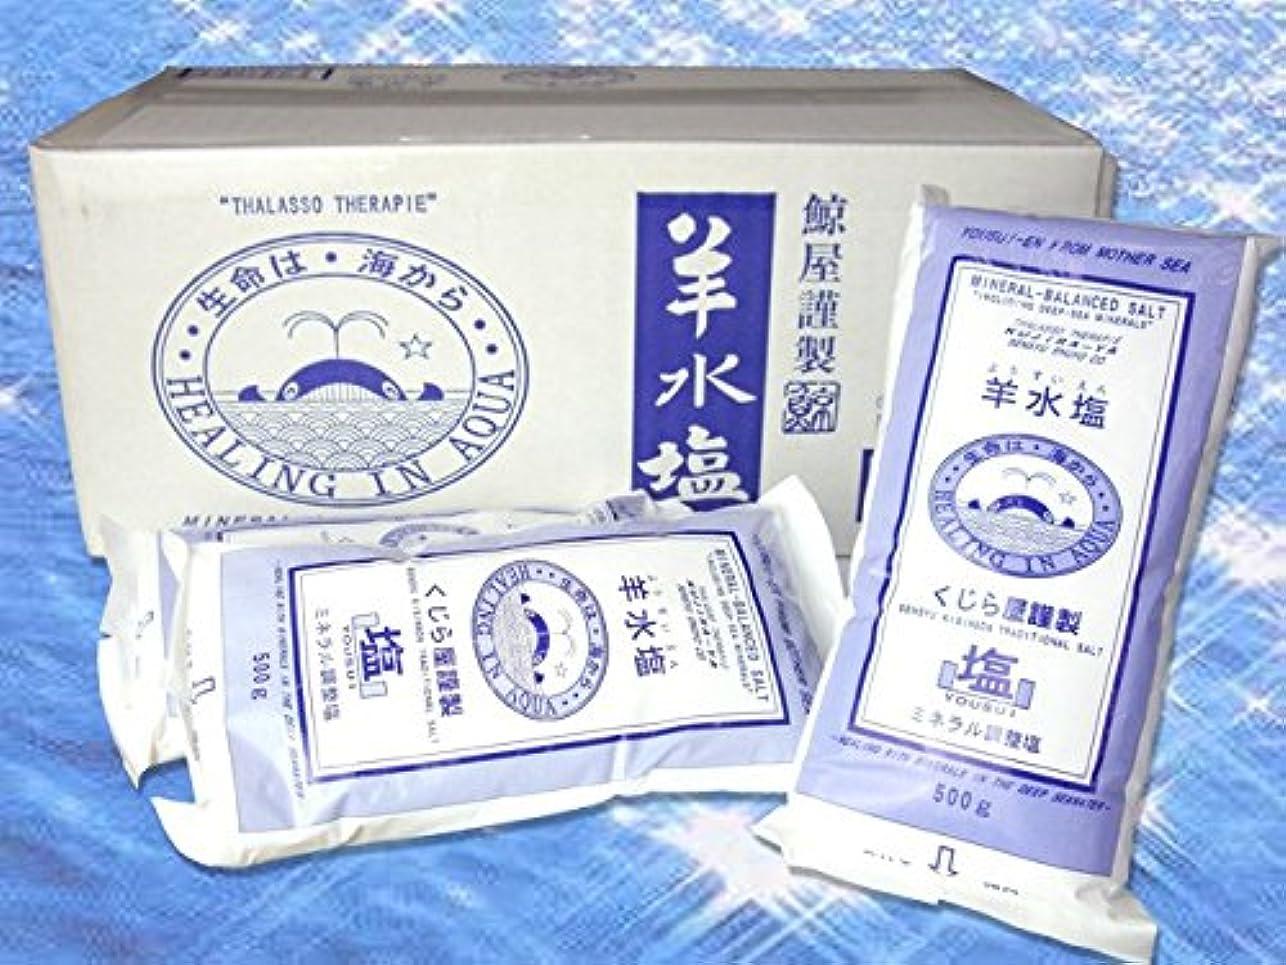 飢え相対性理論歯痛美容 入浴剤 羊水塩 500g×20袋 ミネラルや海洋深層水イオン等を人体液と同様に配合 ミネラル調整塩